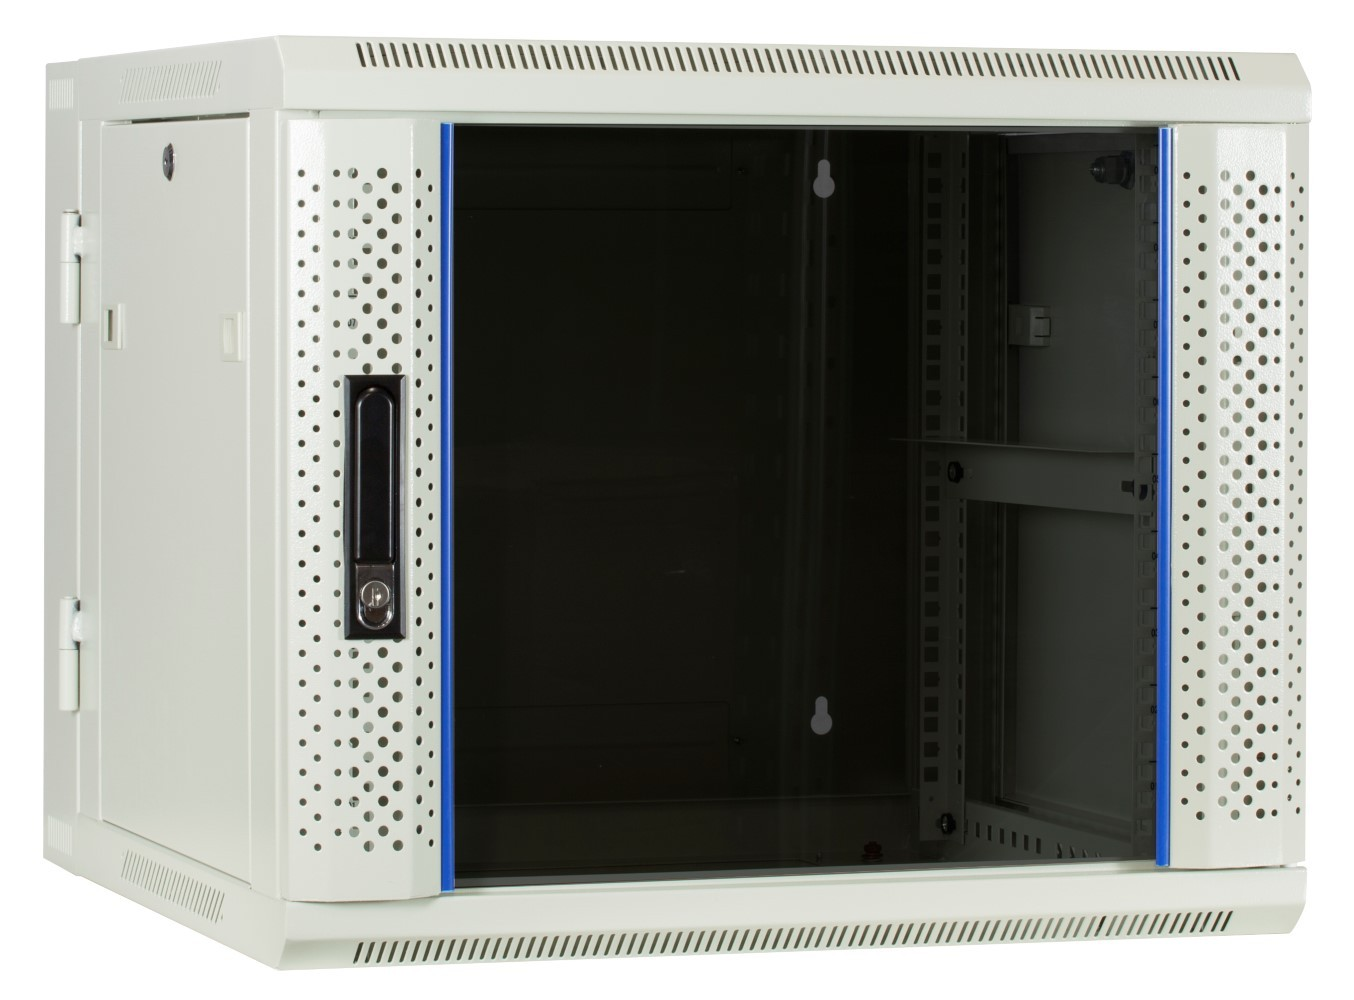 Afbeelding van 9 HE Serverschrank, wendbares Wandgehäuse mit Glastür, Weiß (BxTxH) 600 x 600 x 501mm